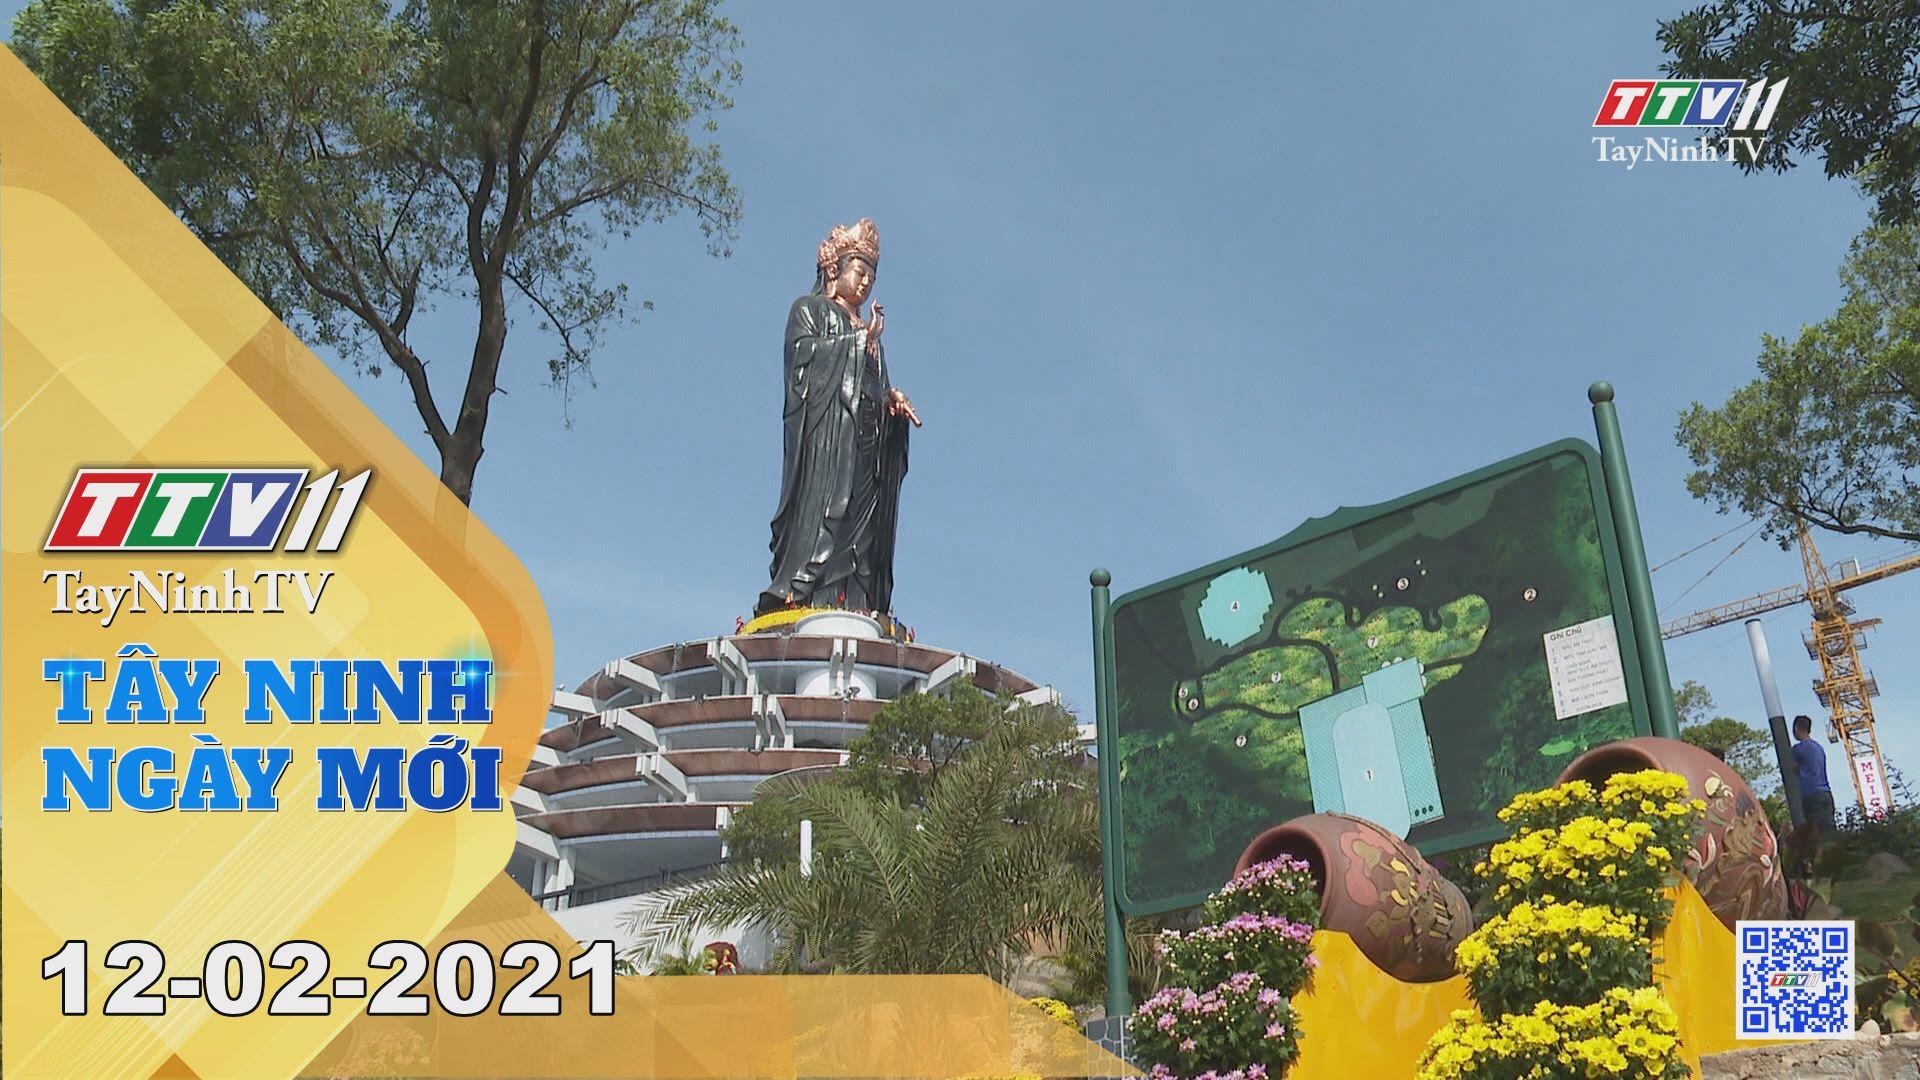 Tây Ninh Ngày Mới 12-02-2021   Tin tức hôm nay   TayNinhTV